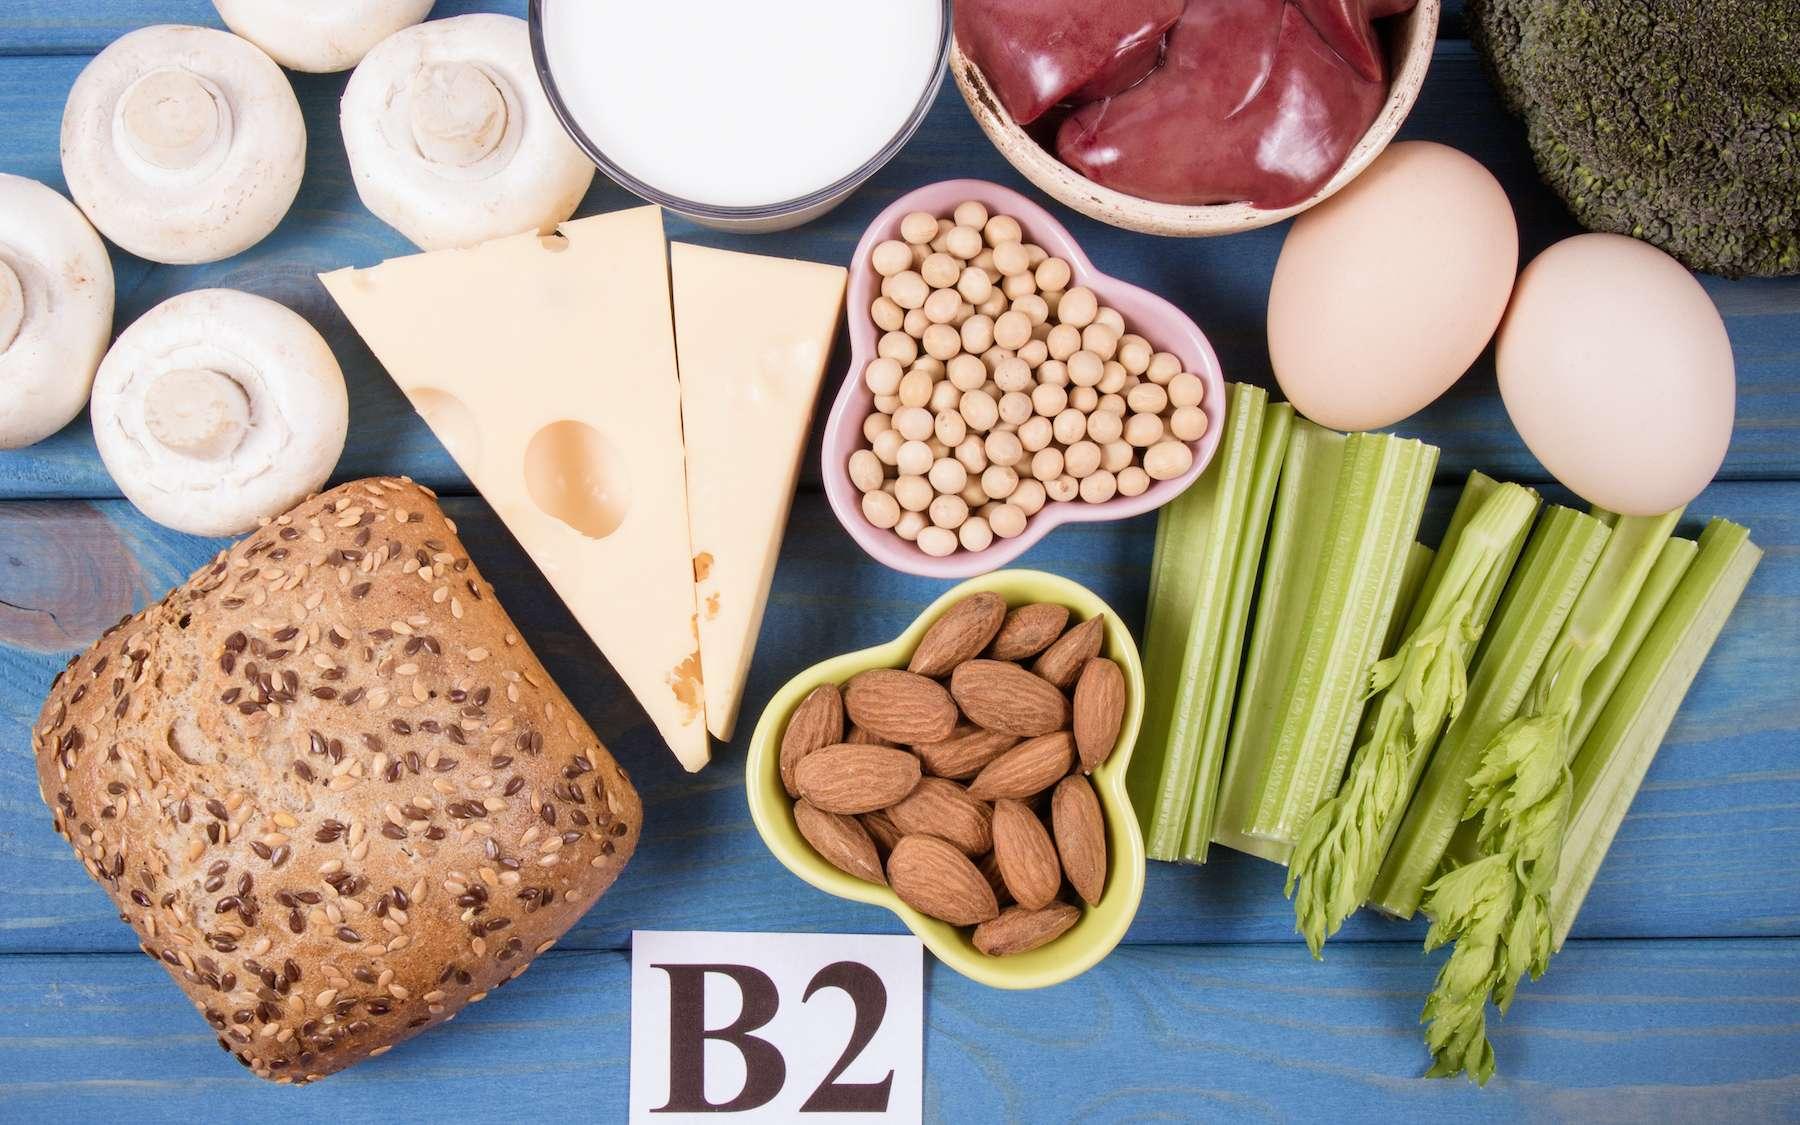 La vitamine B2 est surtout présente dans les viandes, le fromage, les œufs ou les produits céréaliers. © morissfoto, Adobe Stock